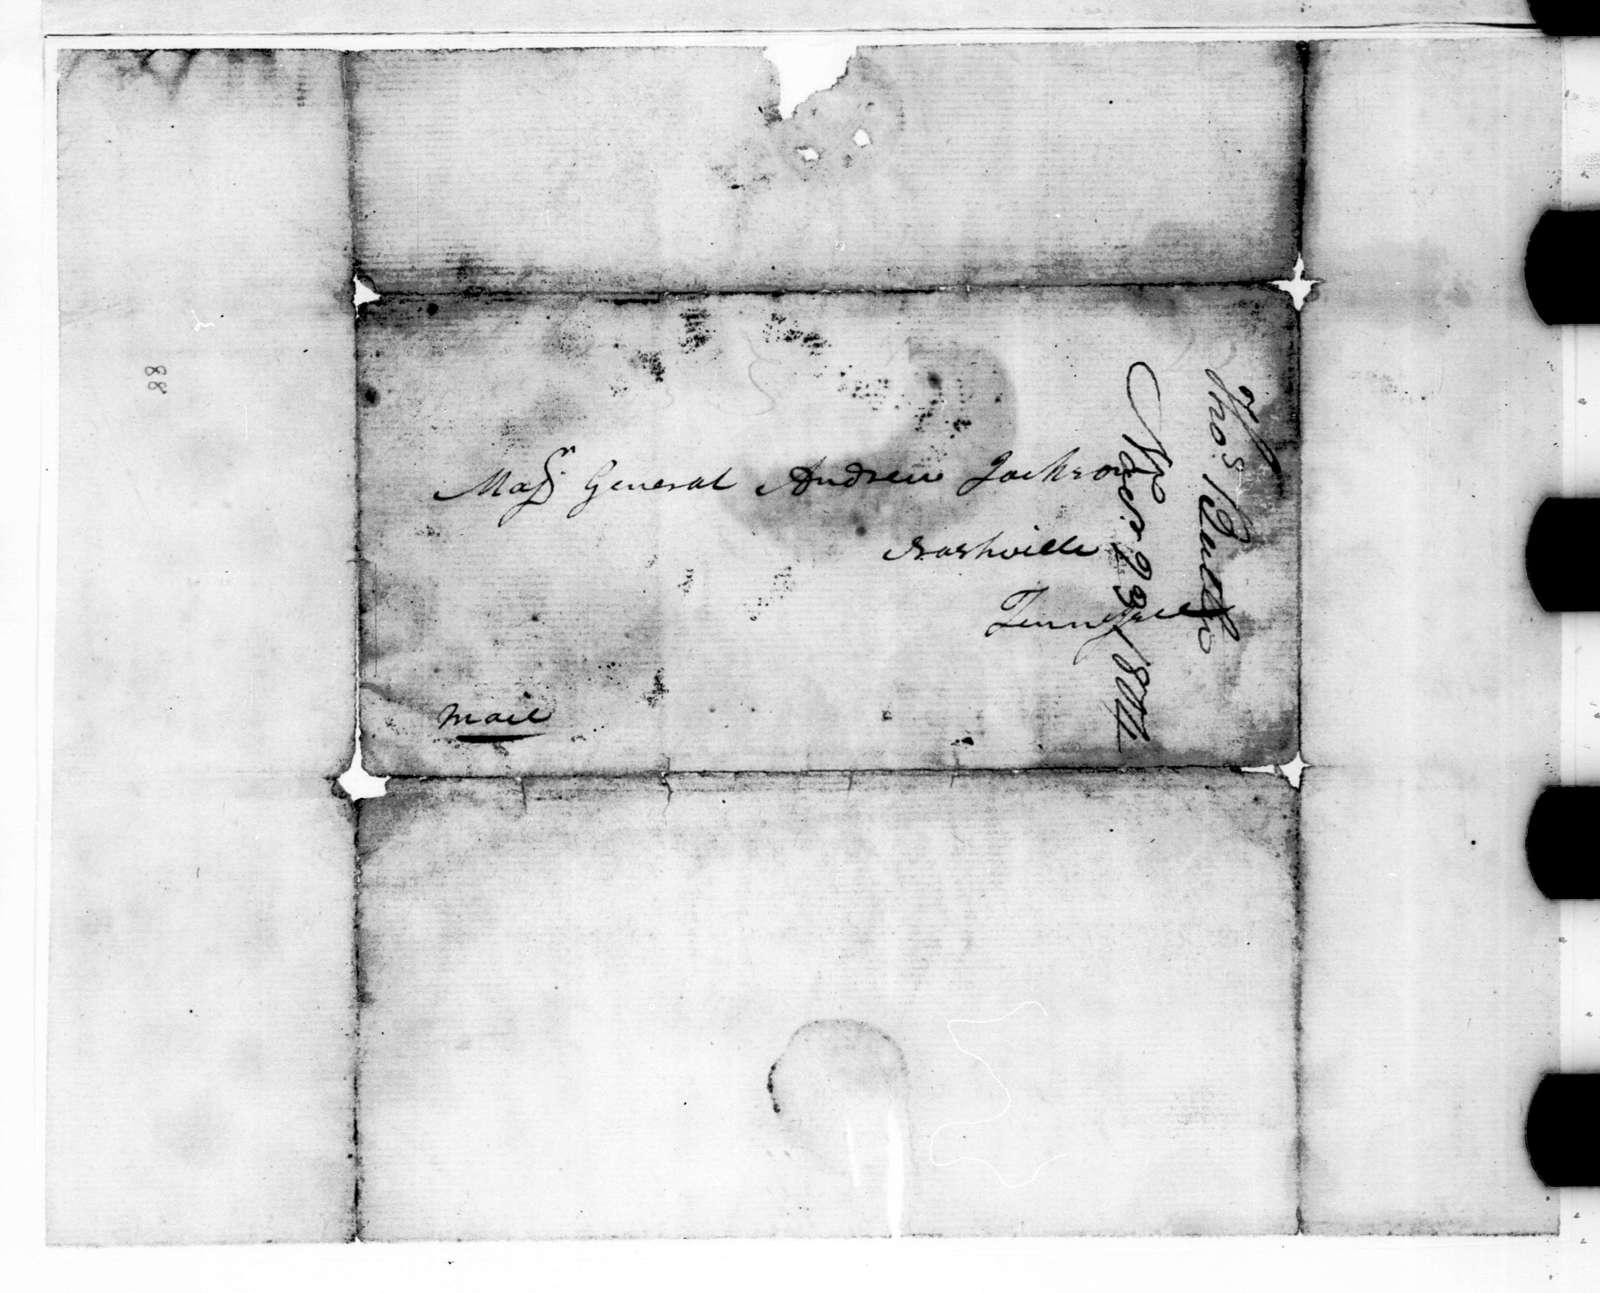 Thomas Butler to Andrew Jackson, November 20, 1804